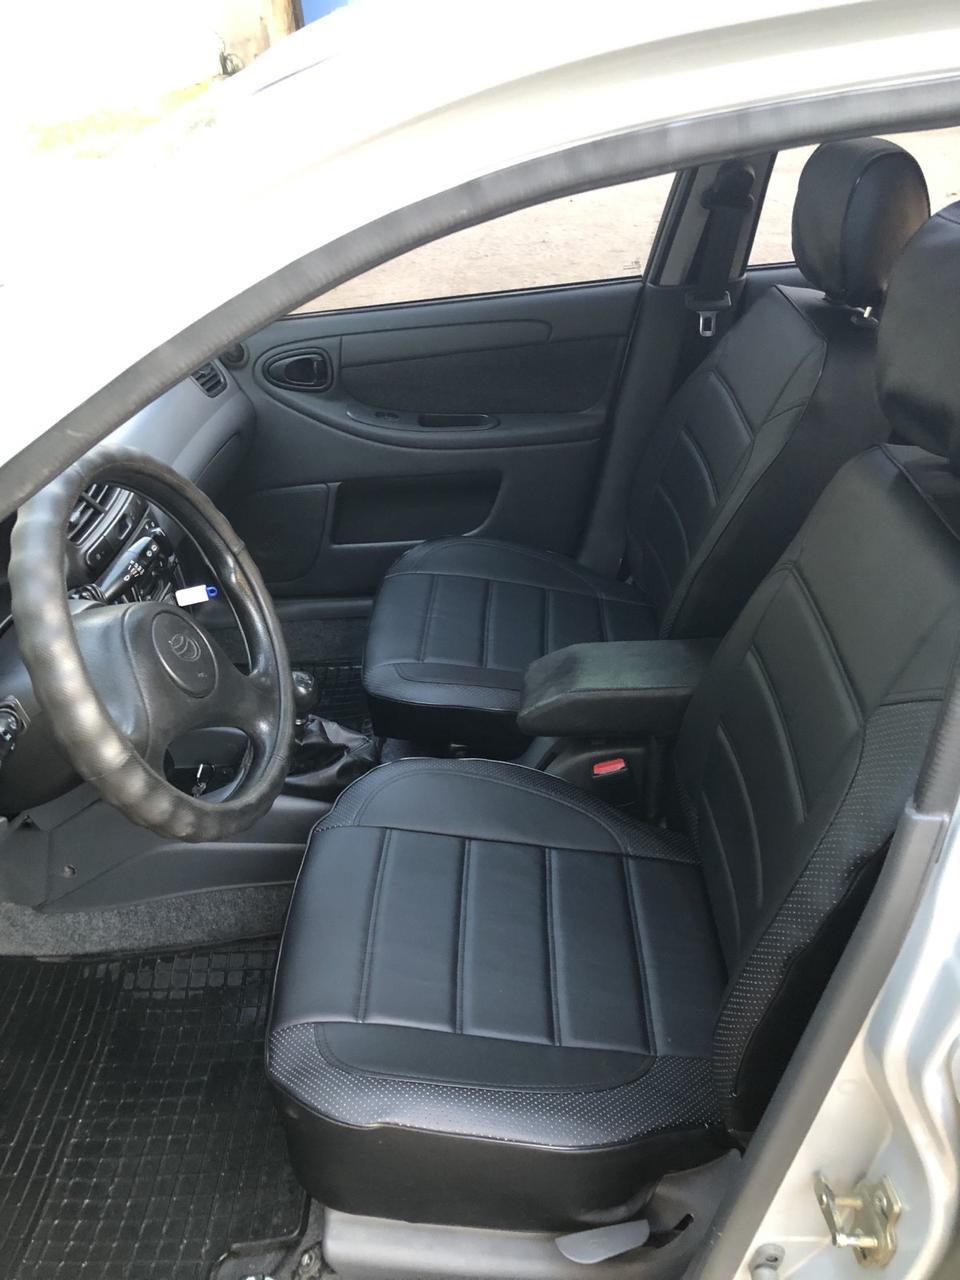 Чехлы на сиденья Пежо 208 (Peugeot 208) модельные MAX-L из экокожи Черный